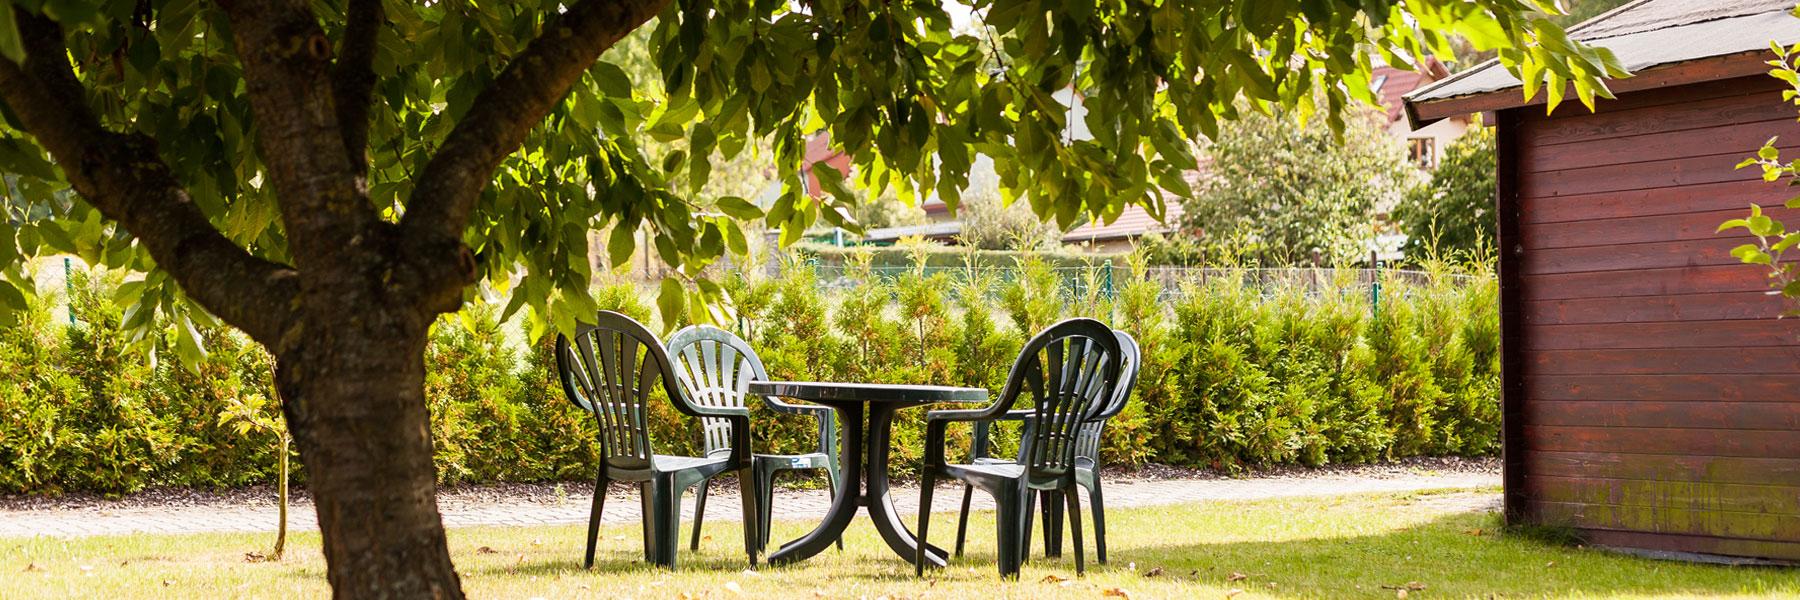 Garten - Ferienwohnungen Ebel